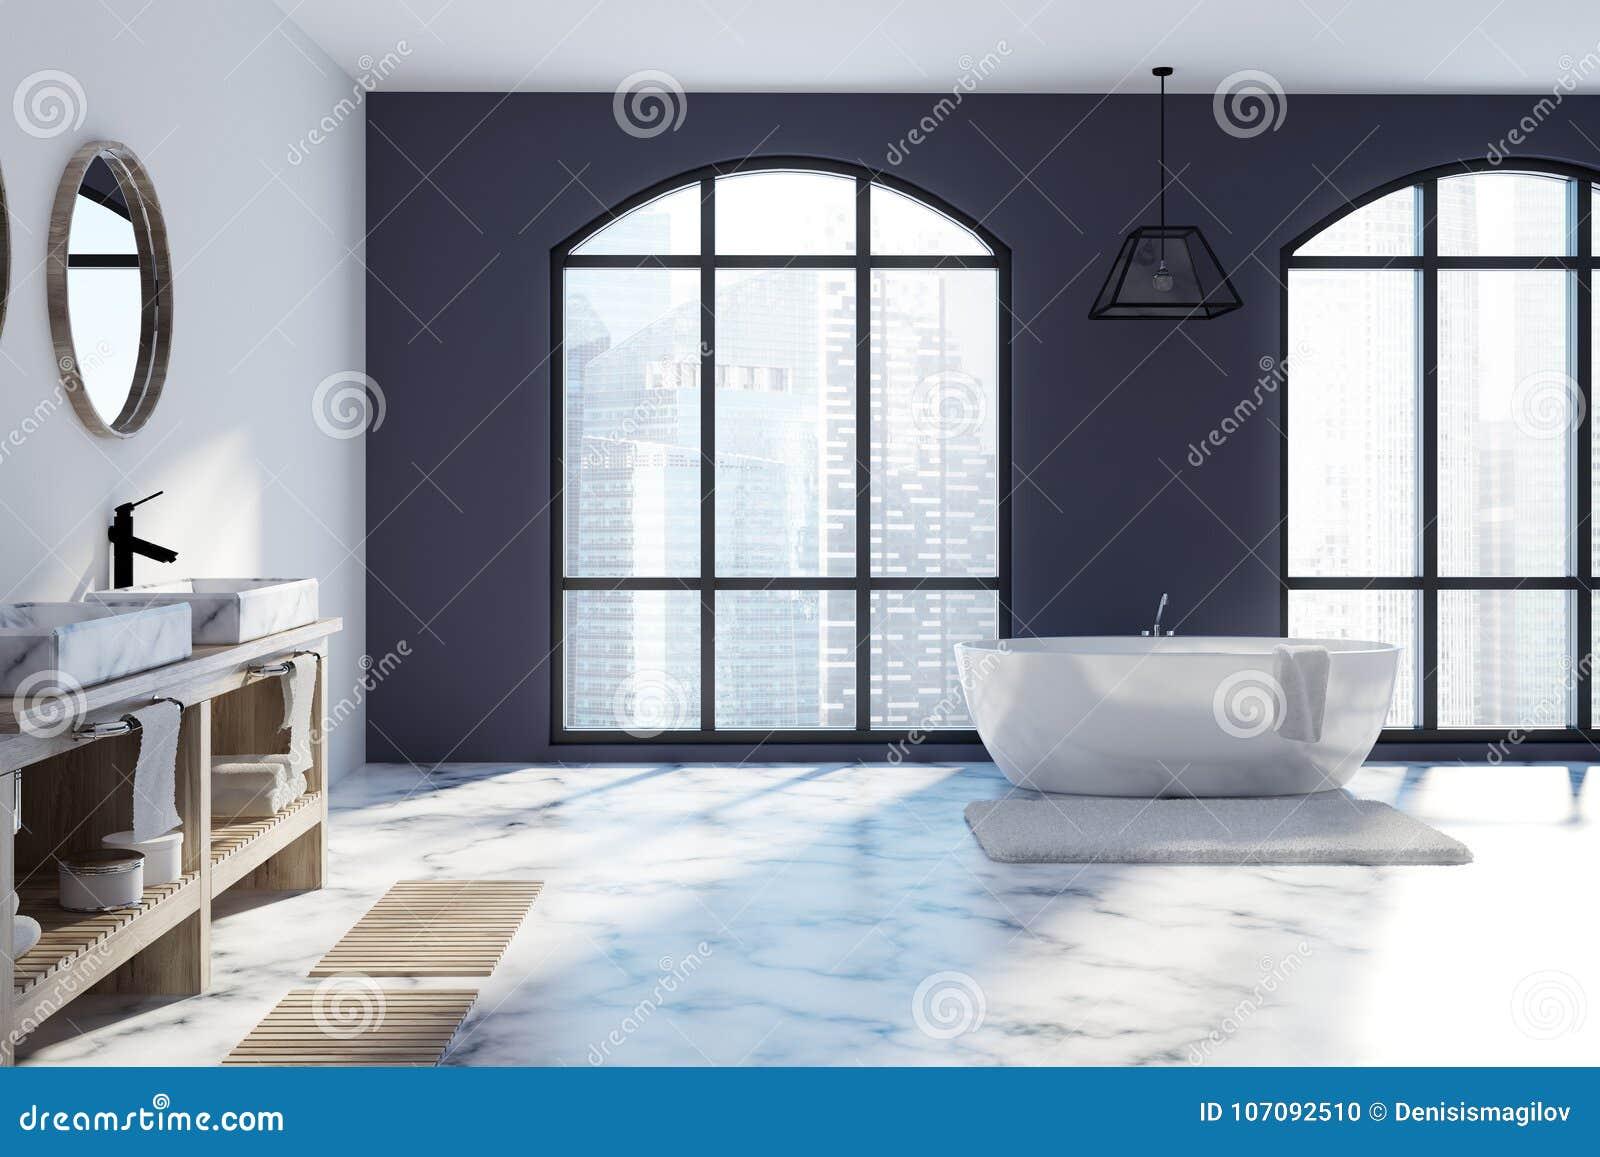 Marmeren Badkamer Vloer : Witte en zwarte badkamers marmeren vloer stock illustratie